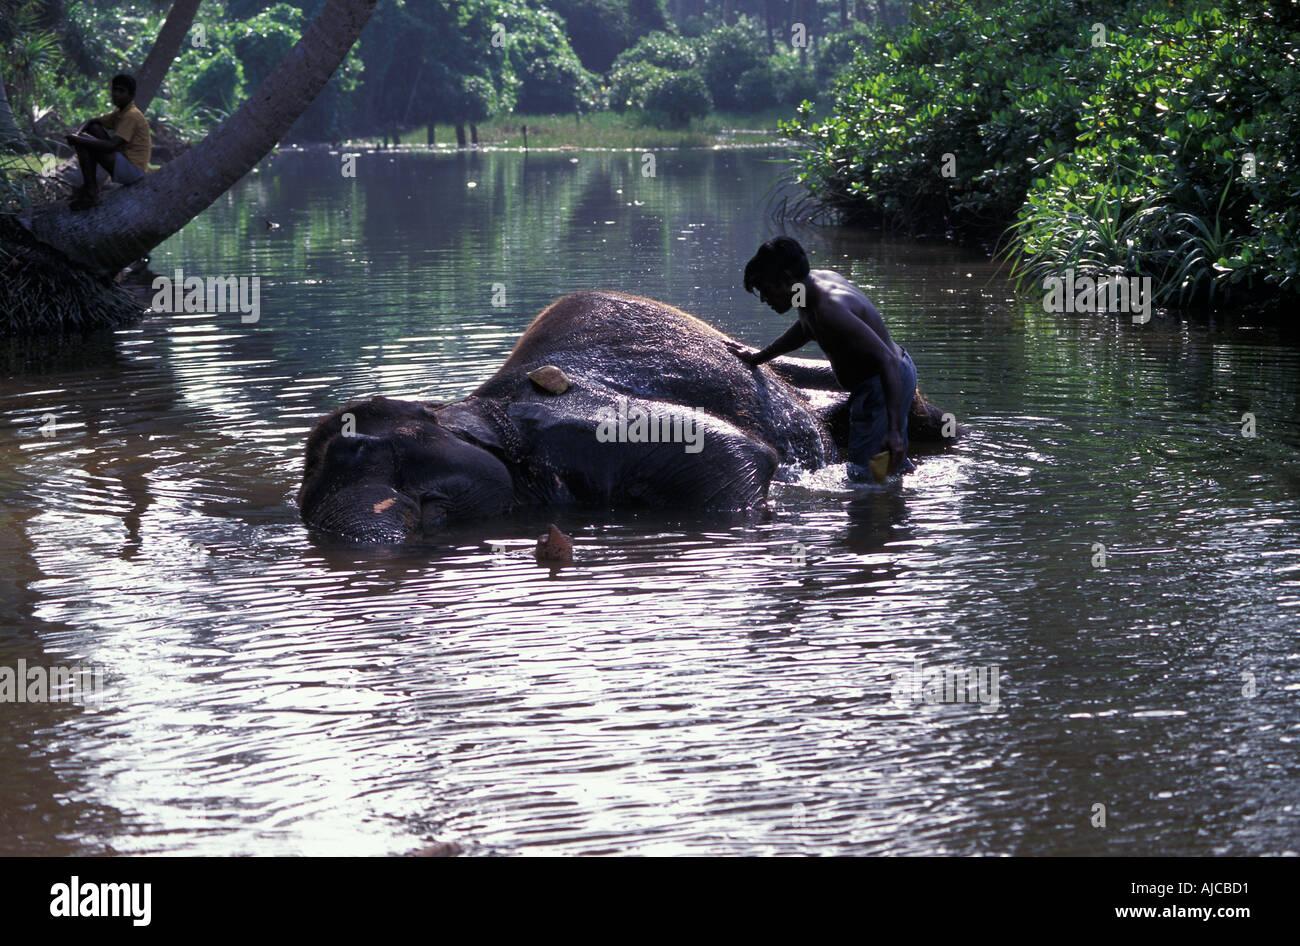 The Elephant Orphanage Sri Lanka Elephant being washed in a stream AtmosphericStock Photo